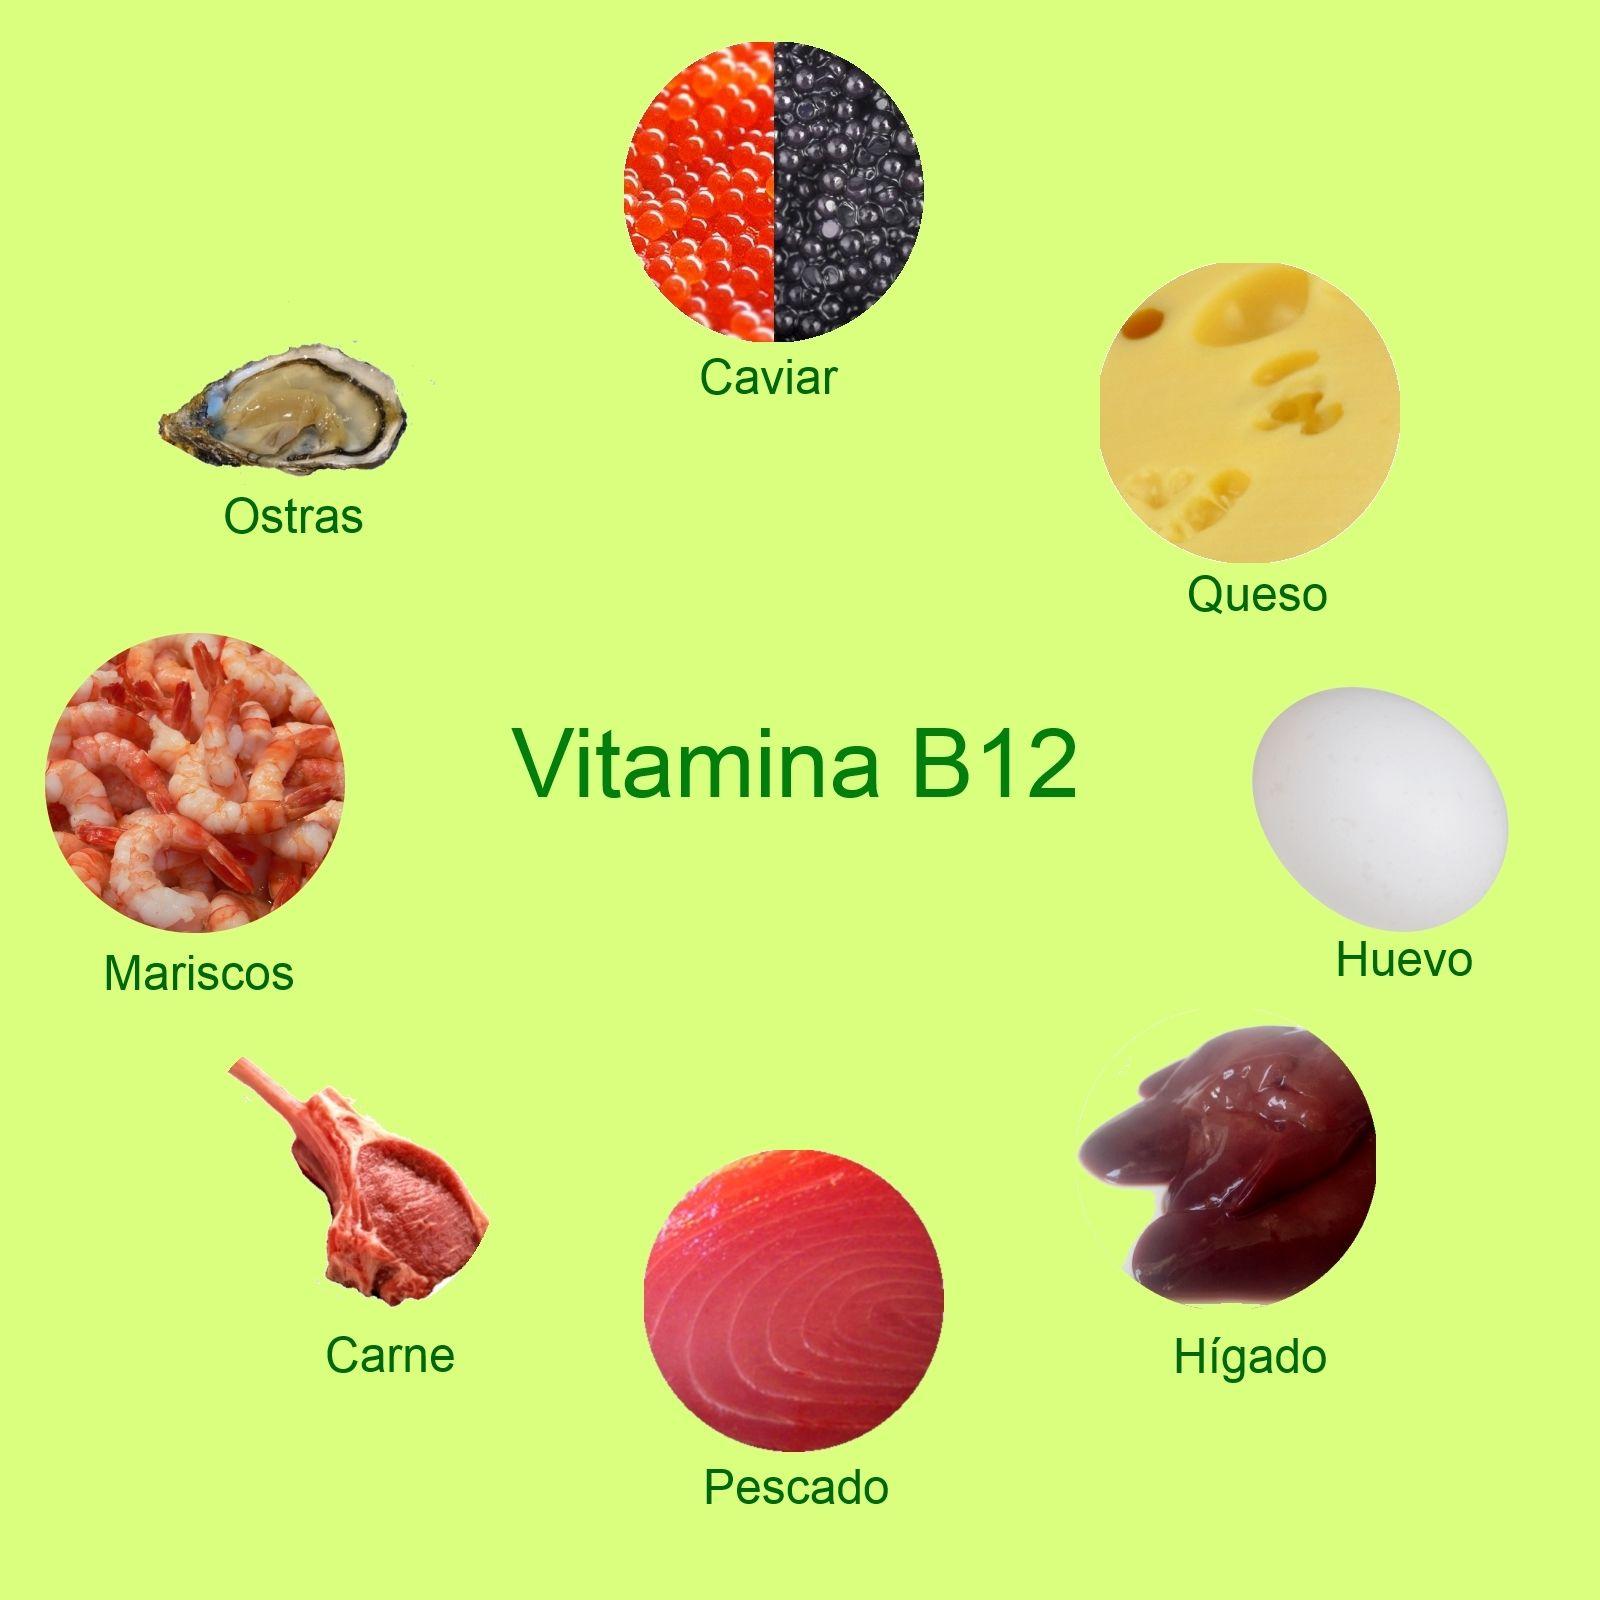 Alimentos Ricos En Vitamina B12 Vitamina E Vitamina B12 Alimentos